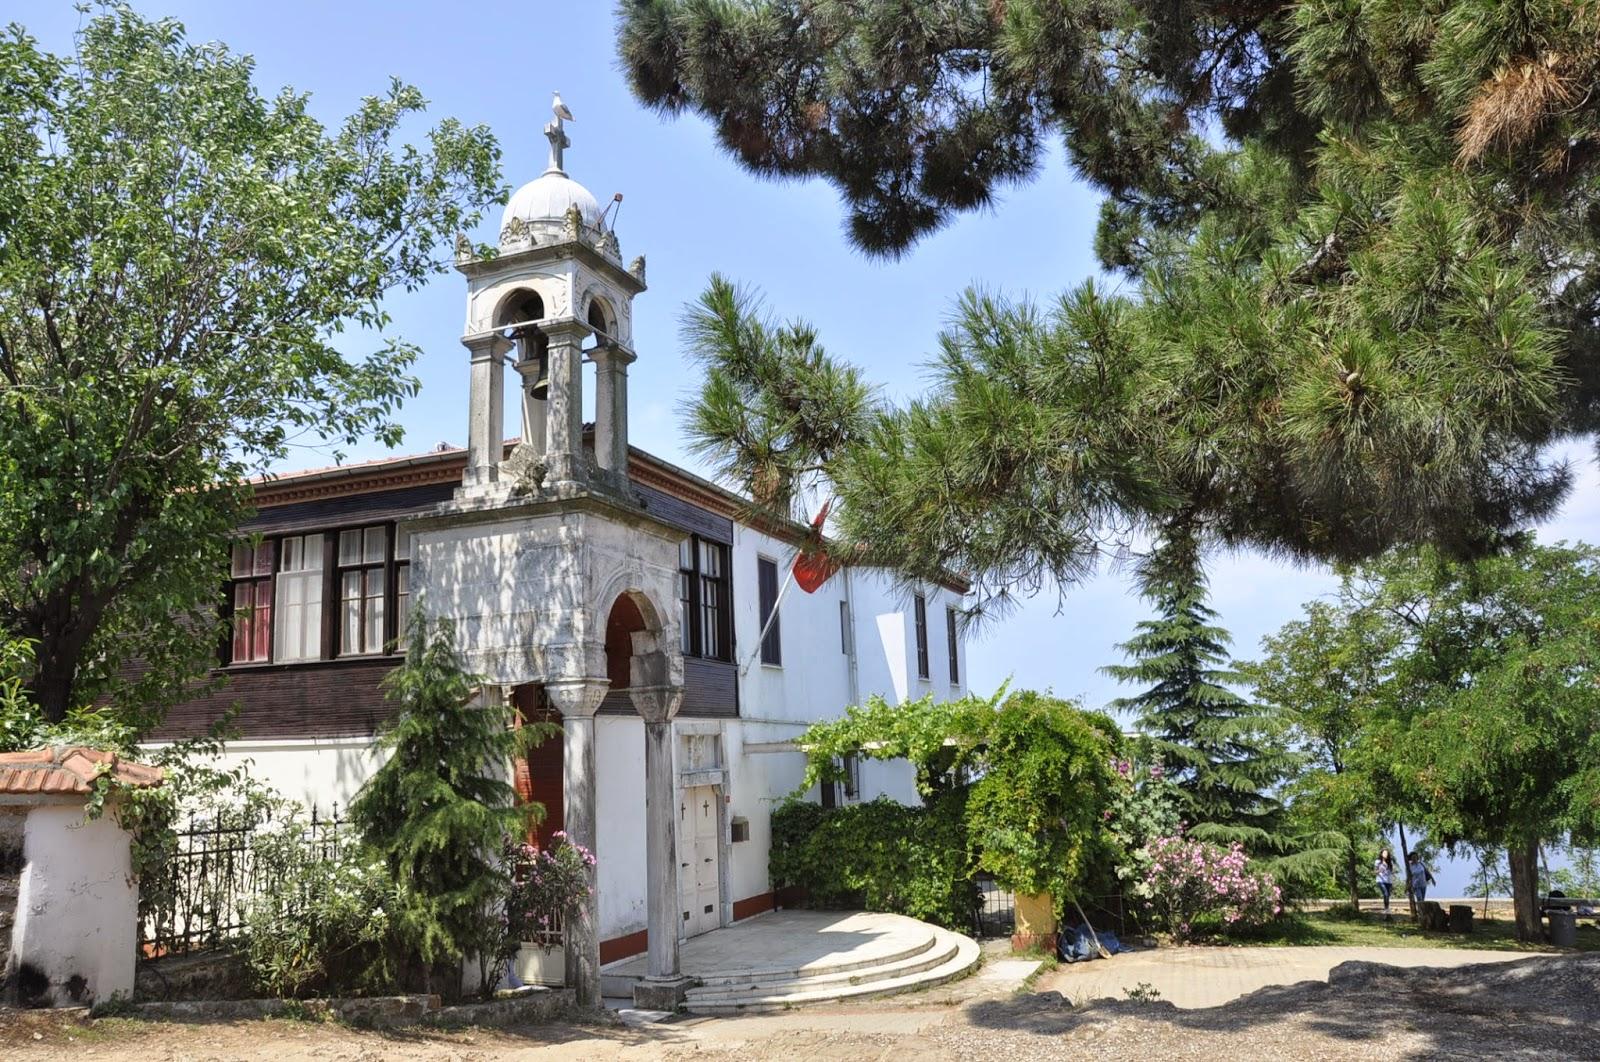 Büyükada Aya Yorgi Manastırı